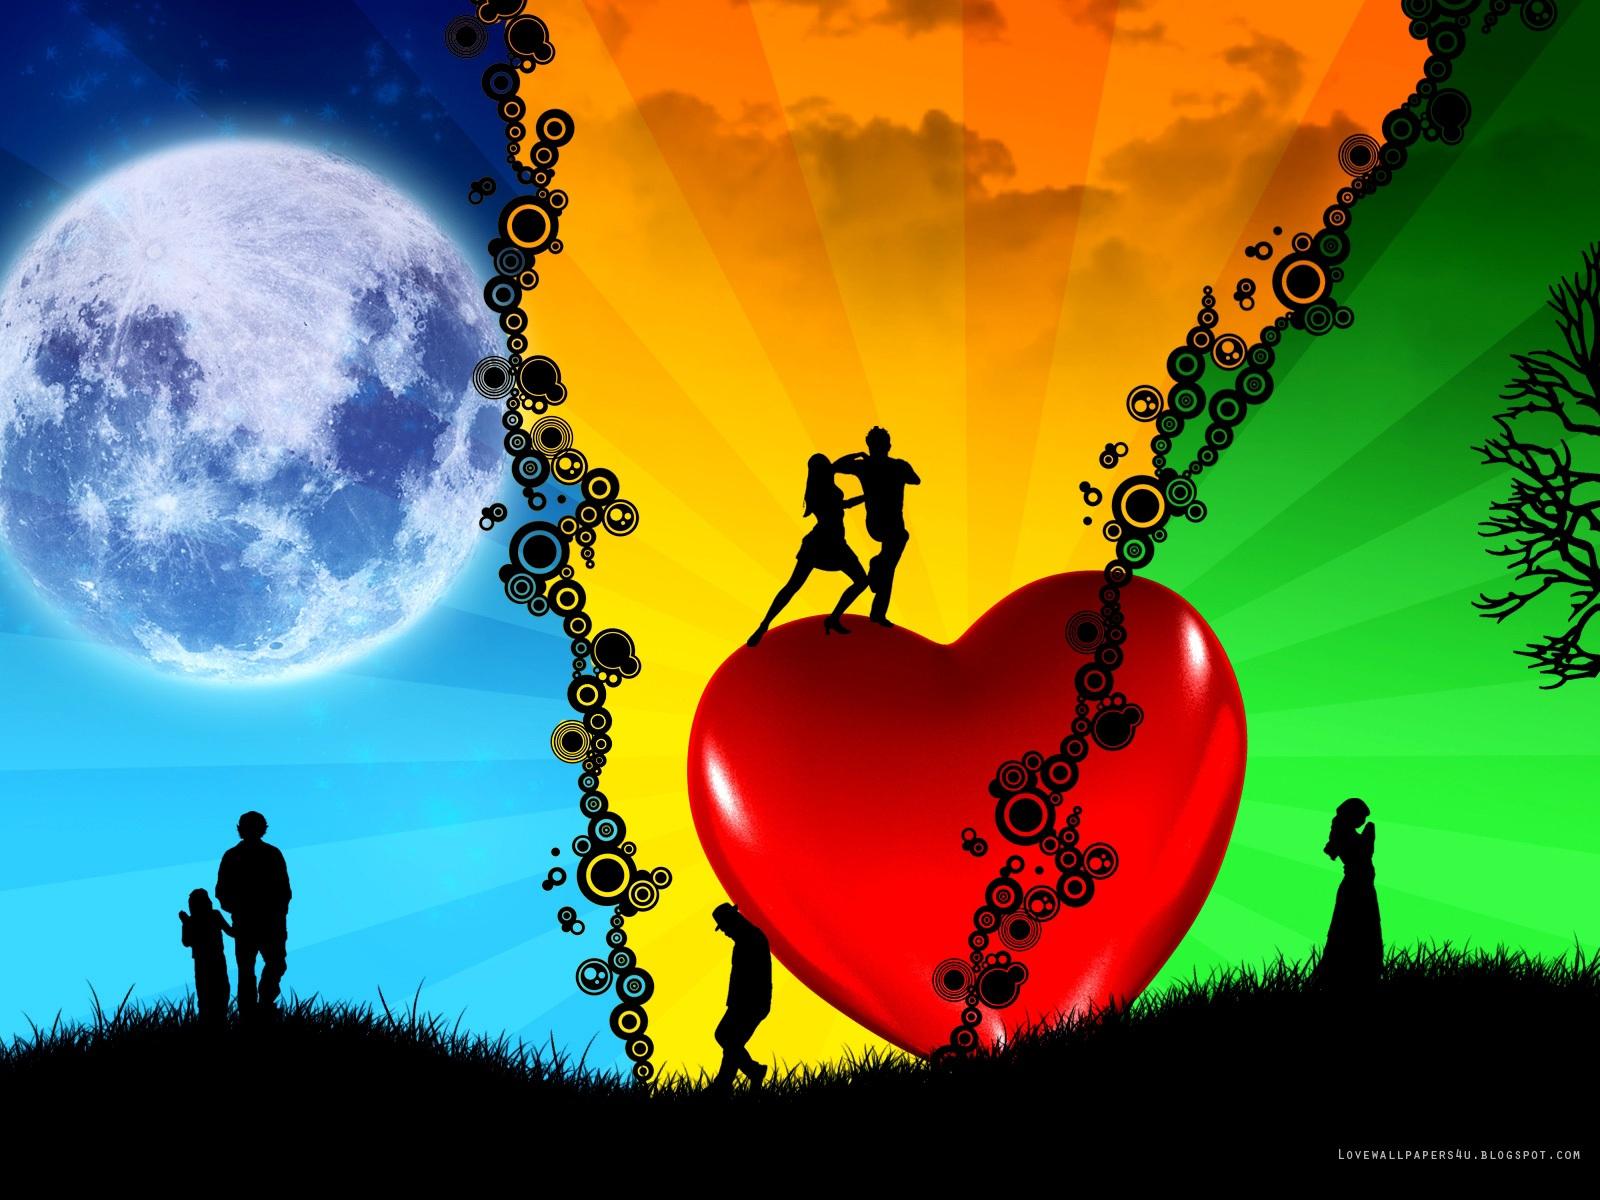 Rüyada sevdiğini görmek ve konuşmak ne demektir